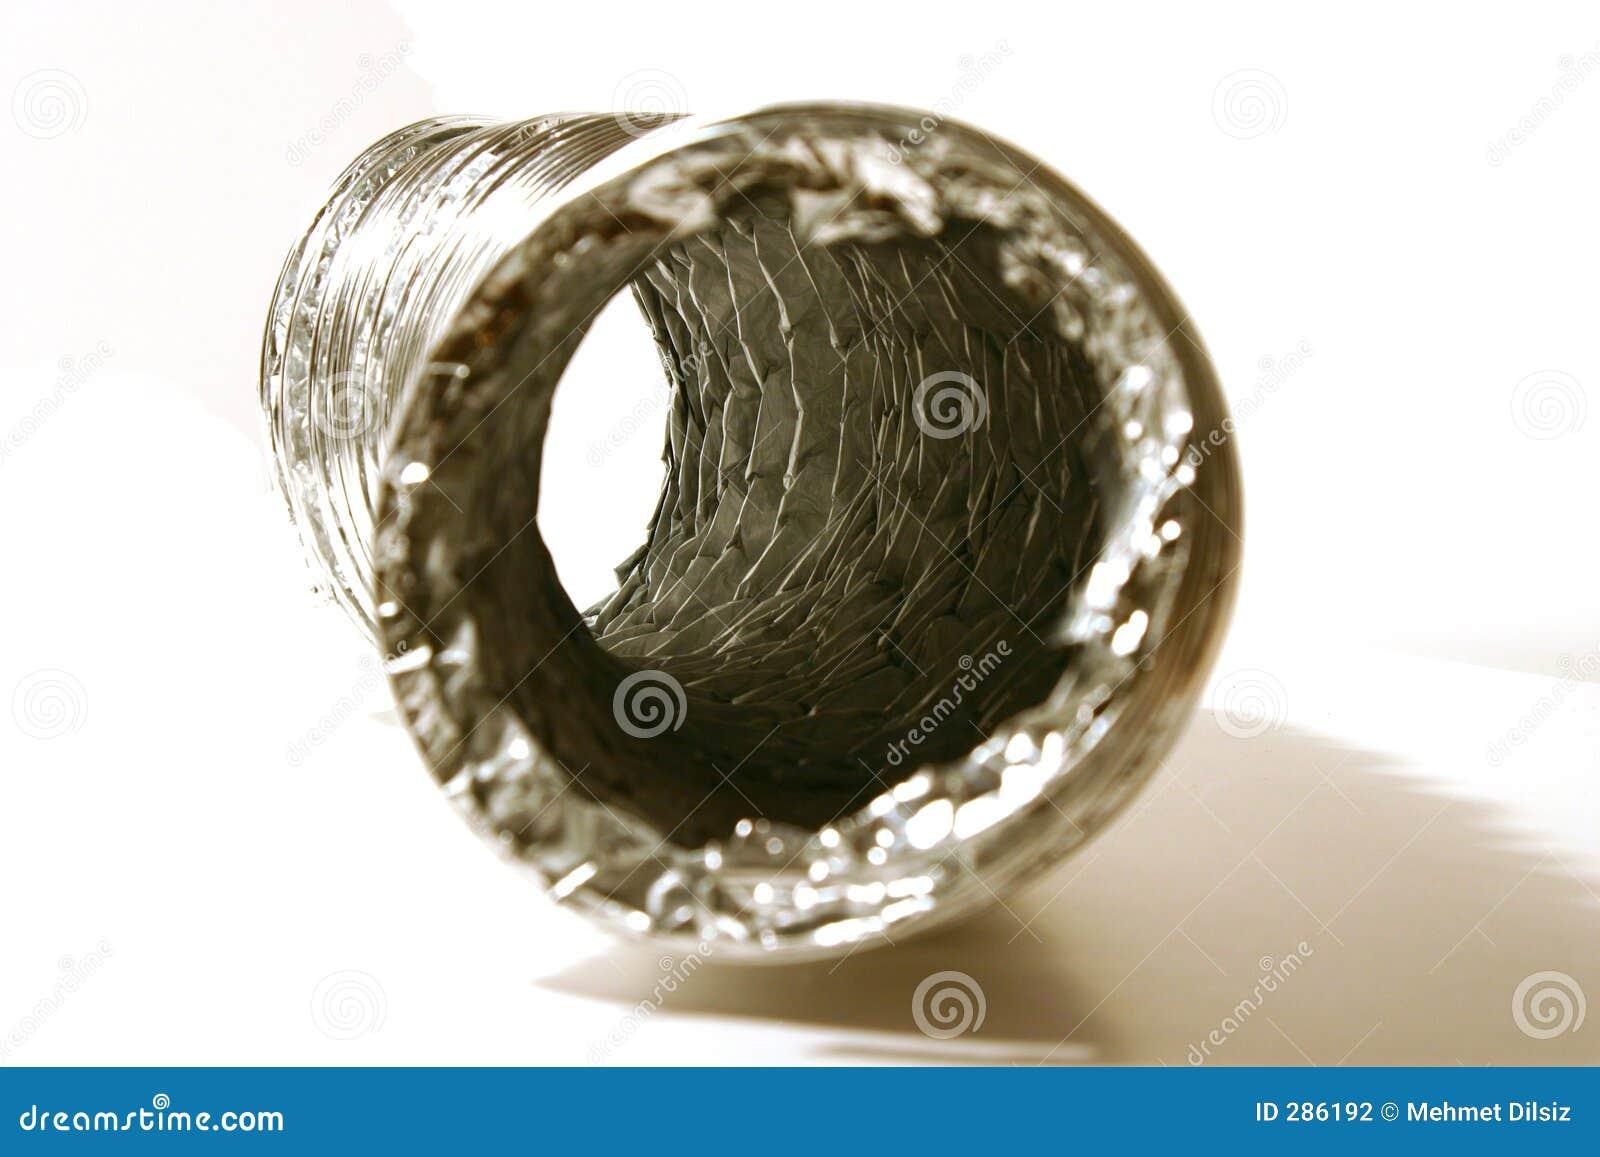 Torrare slang isolerat lufthål